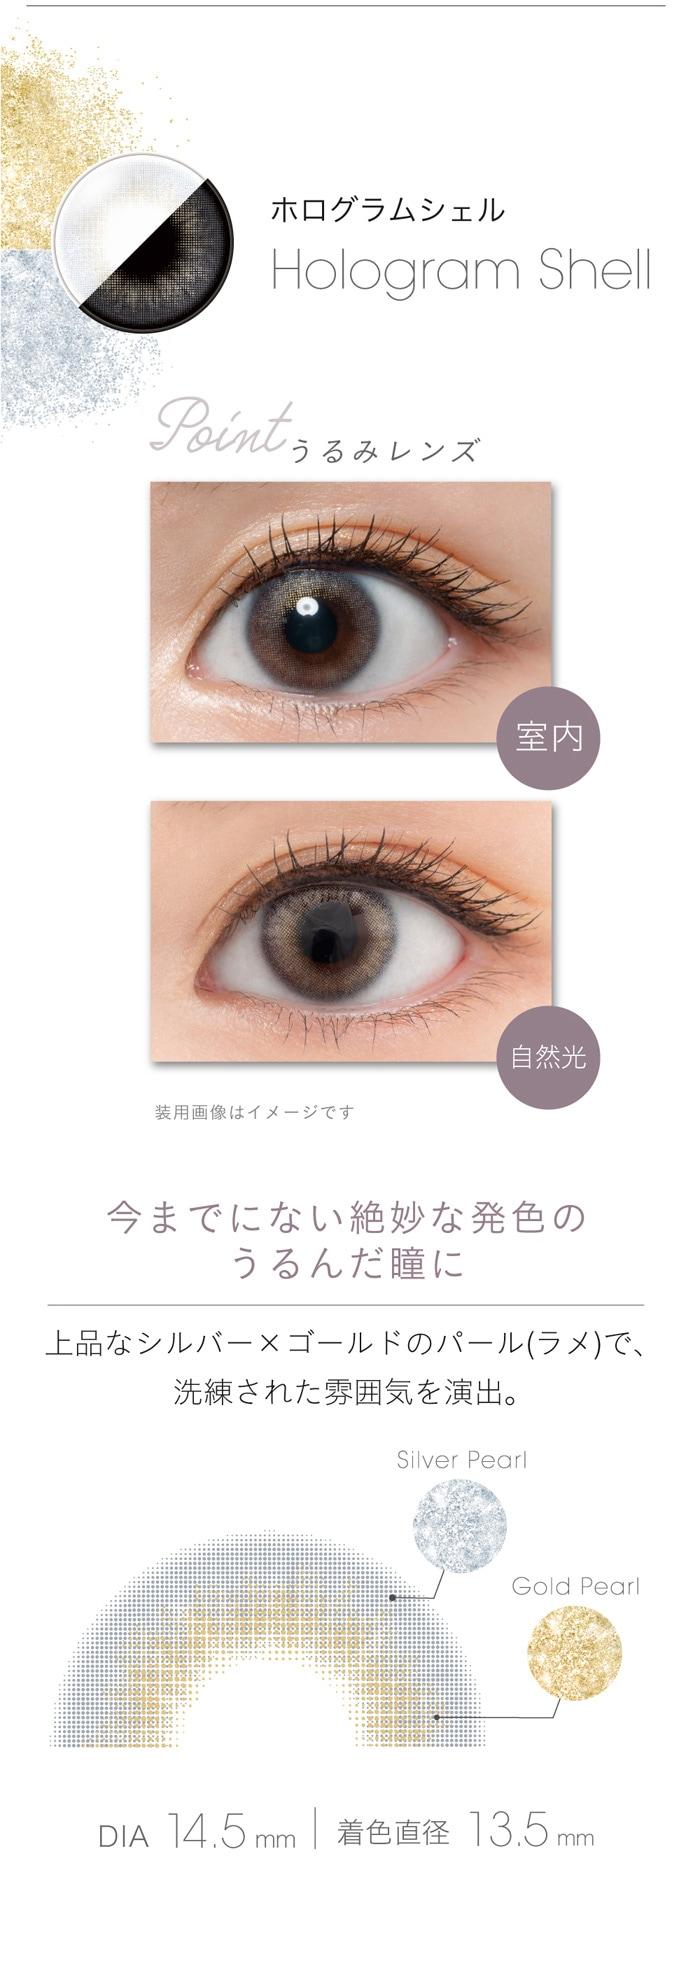 フェアリーワンデーシマーリング(10枚入):ホログラムホログラムシェル 今までにない絶妙な発色のうるんだ瞳に